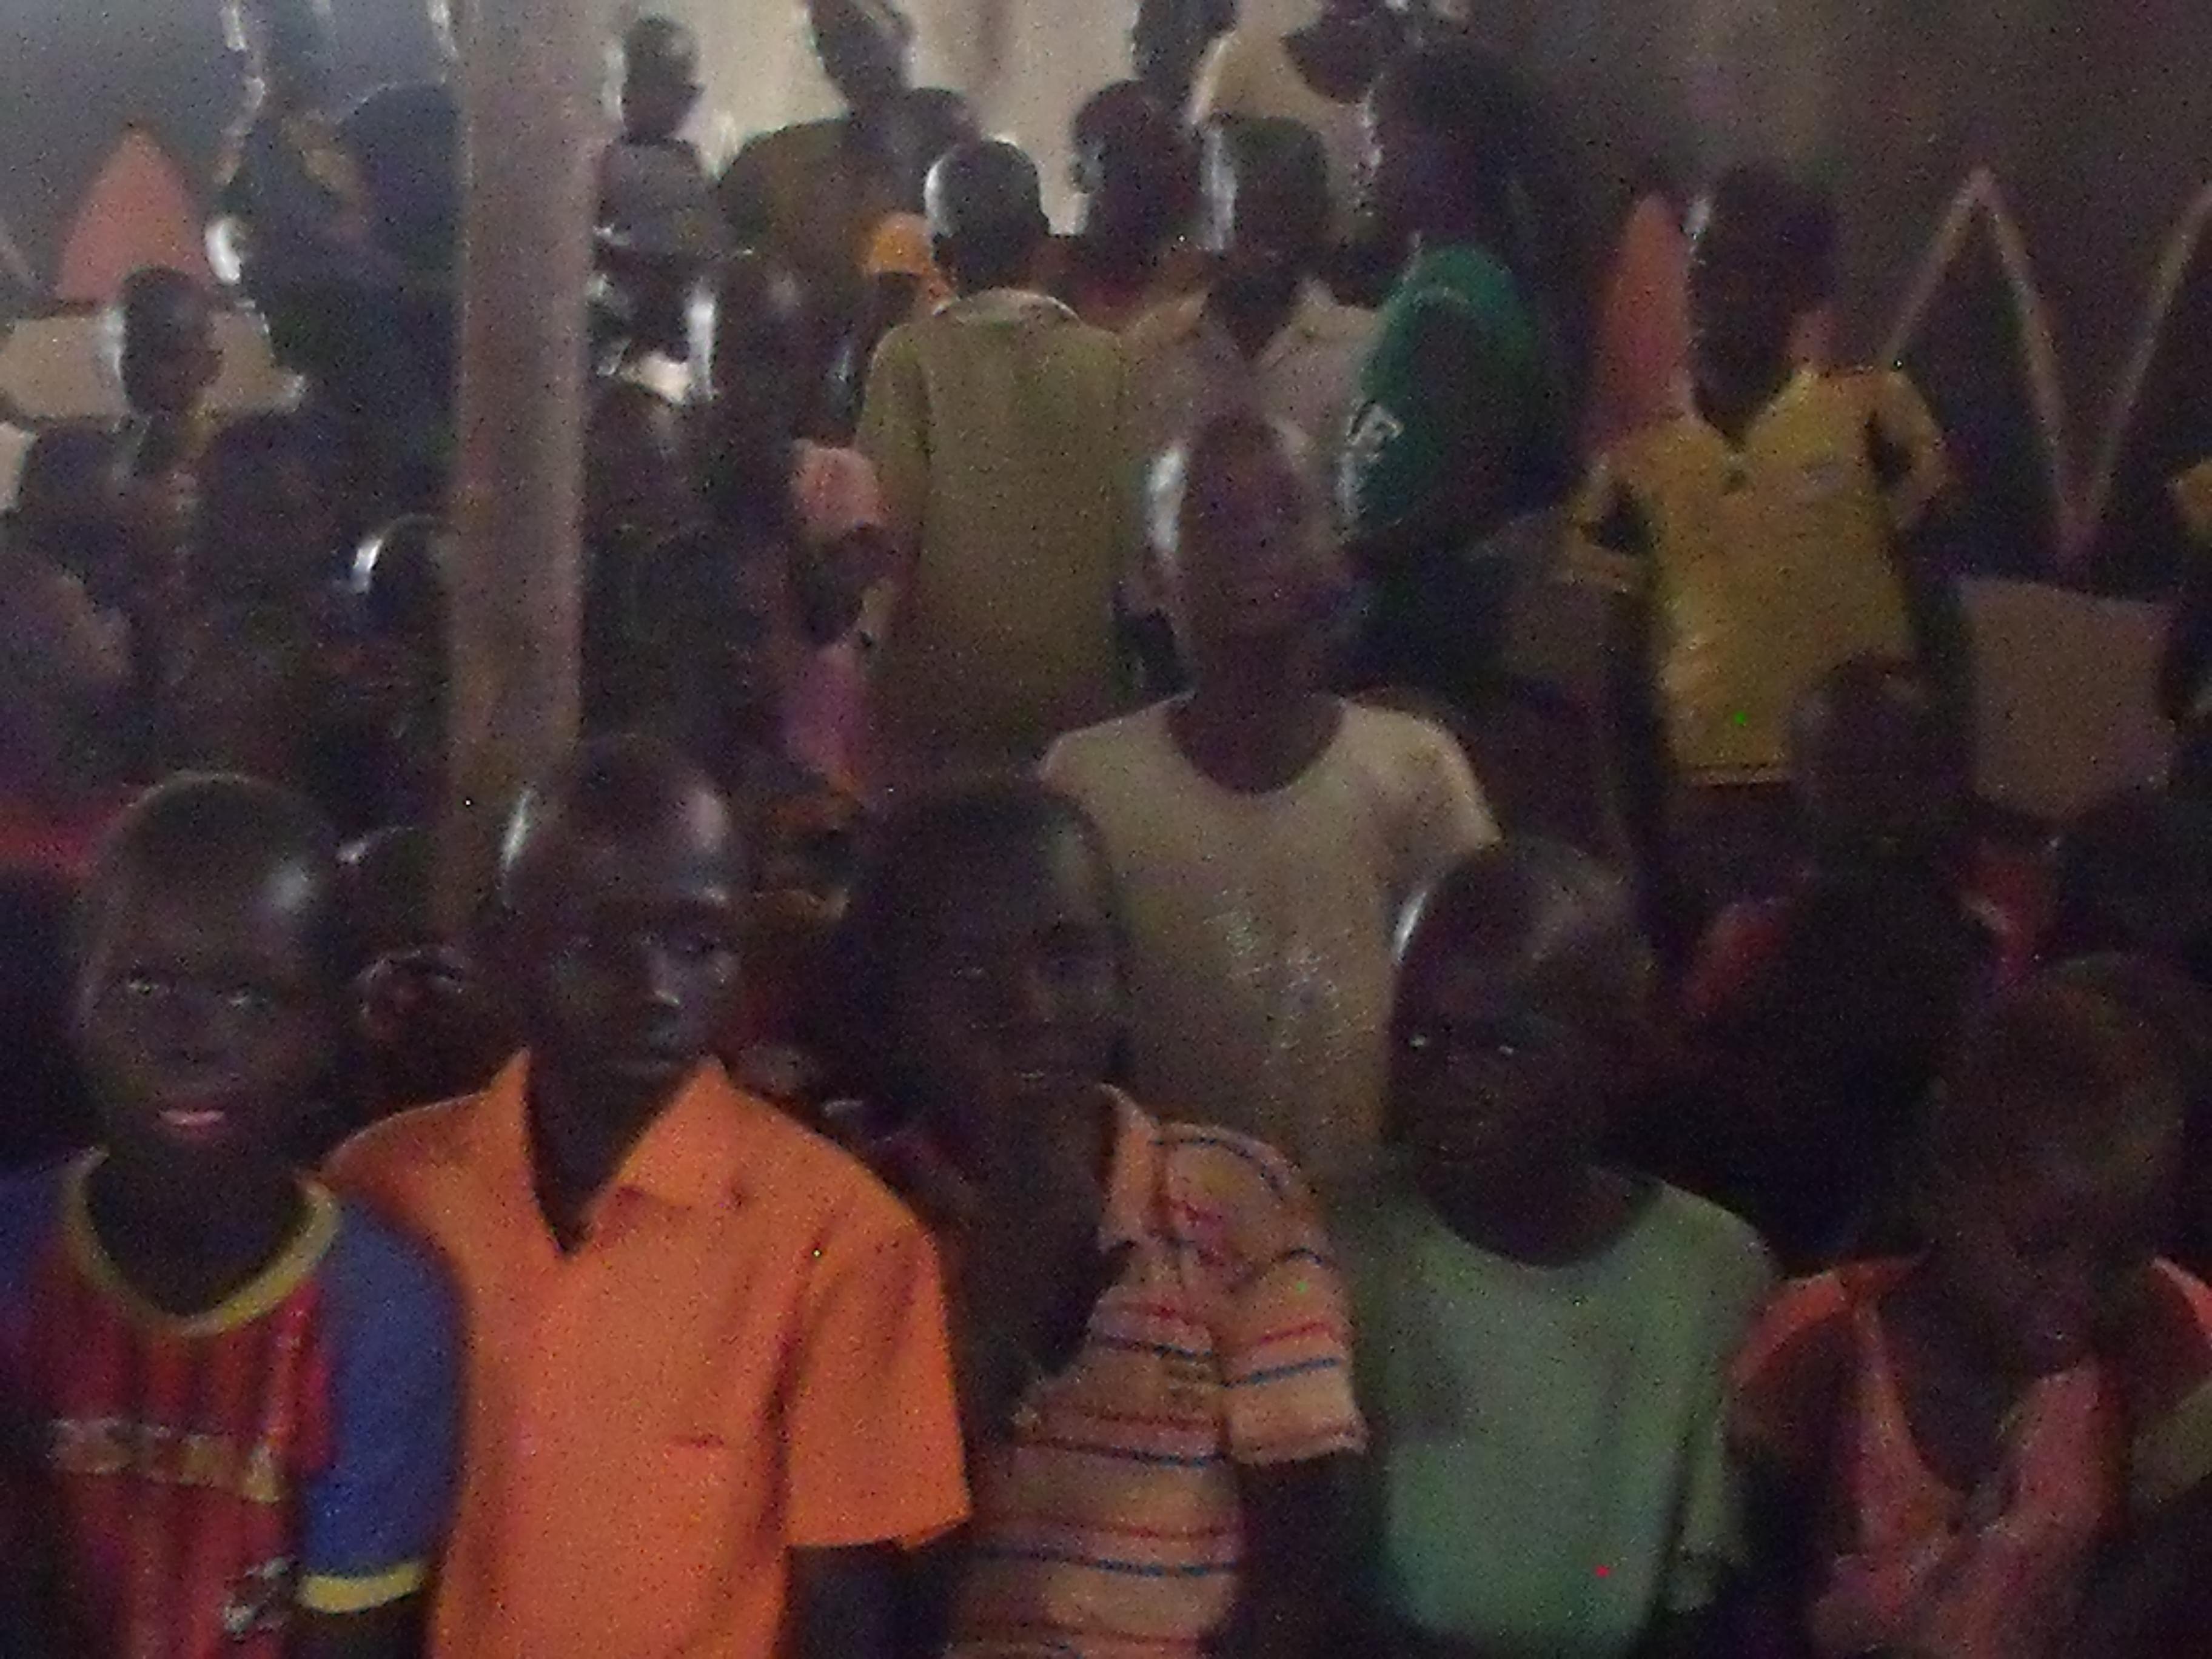 refuges in Uganda image three